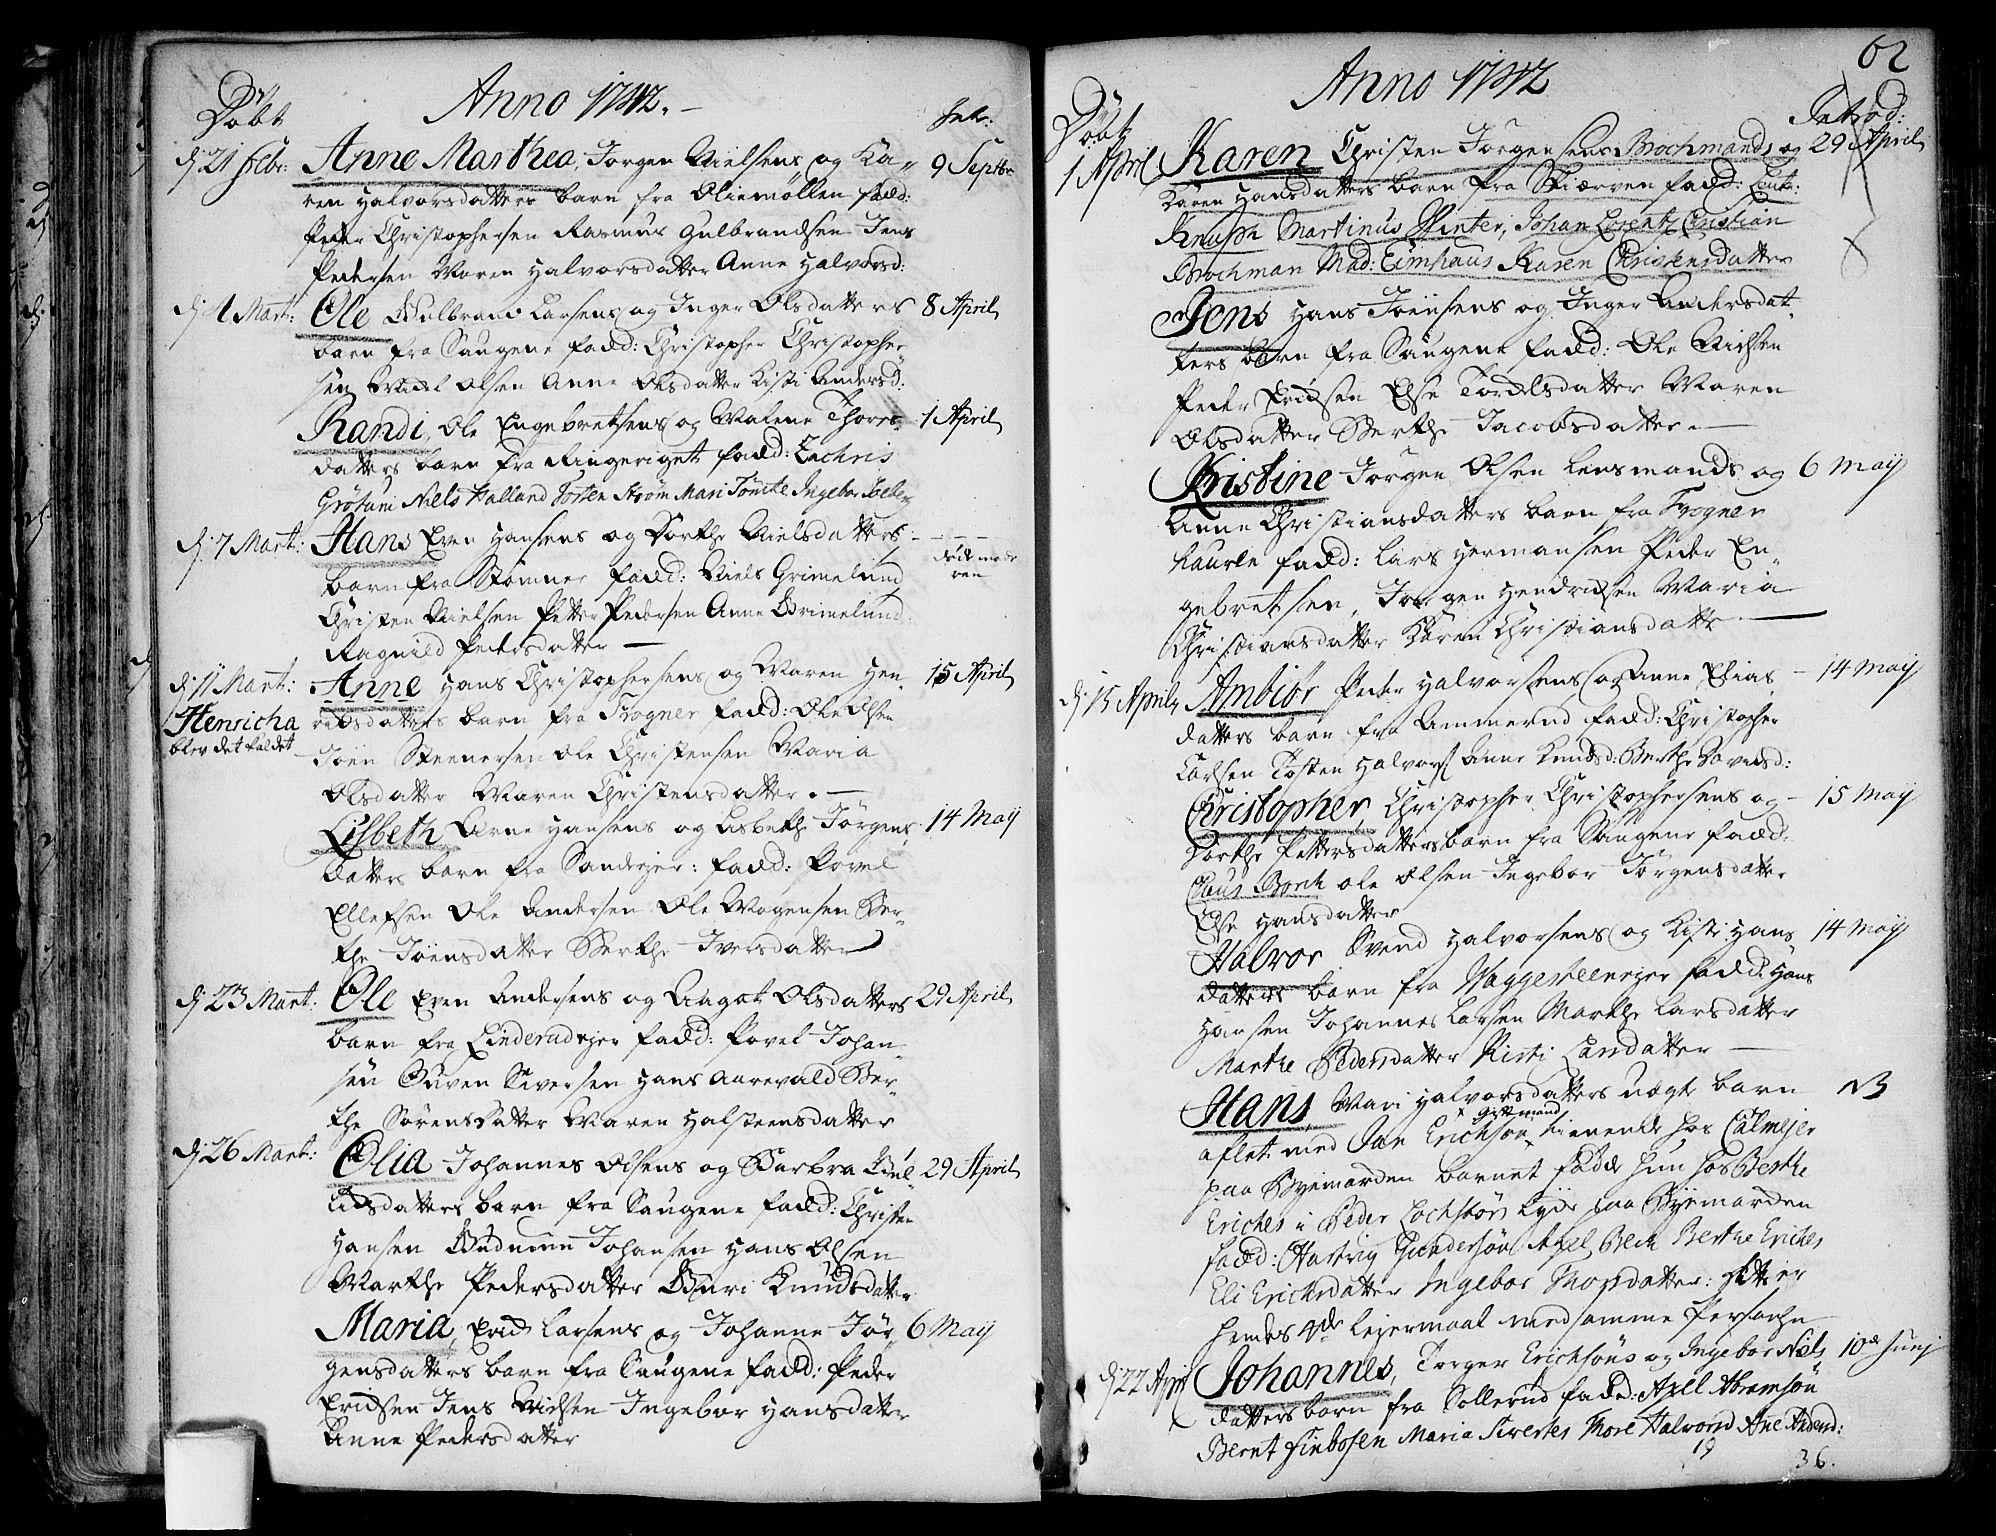 SAO, Aker prestekontor kirkebøker, F/L0007: Ministerialbok nr. 7, 1734-1748, s. 62